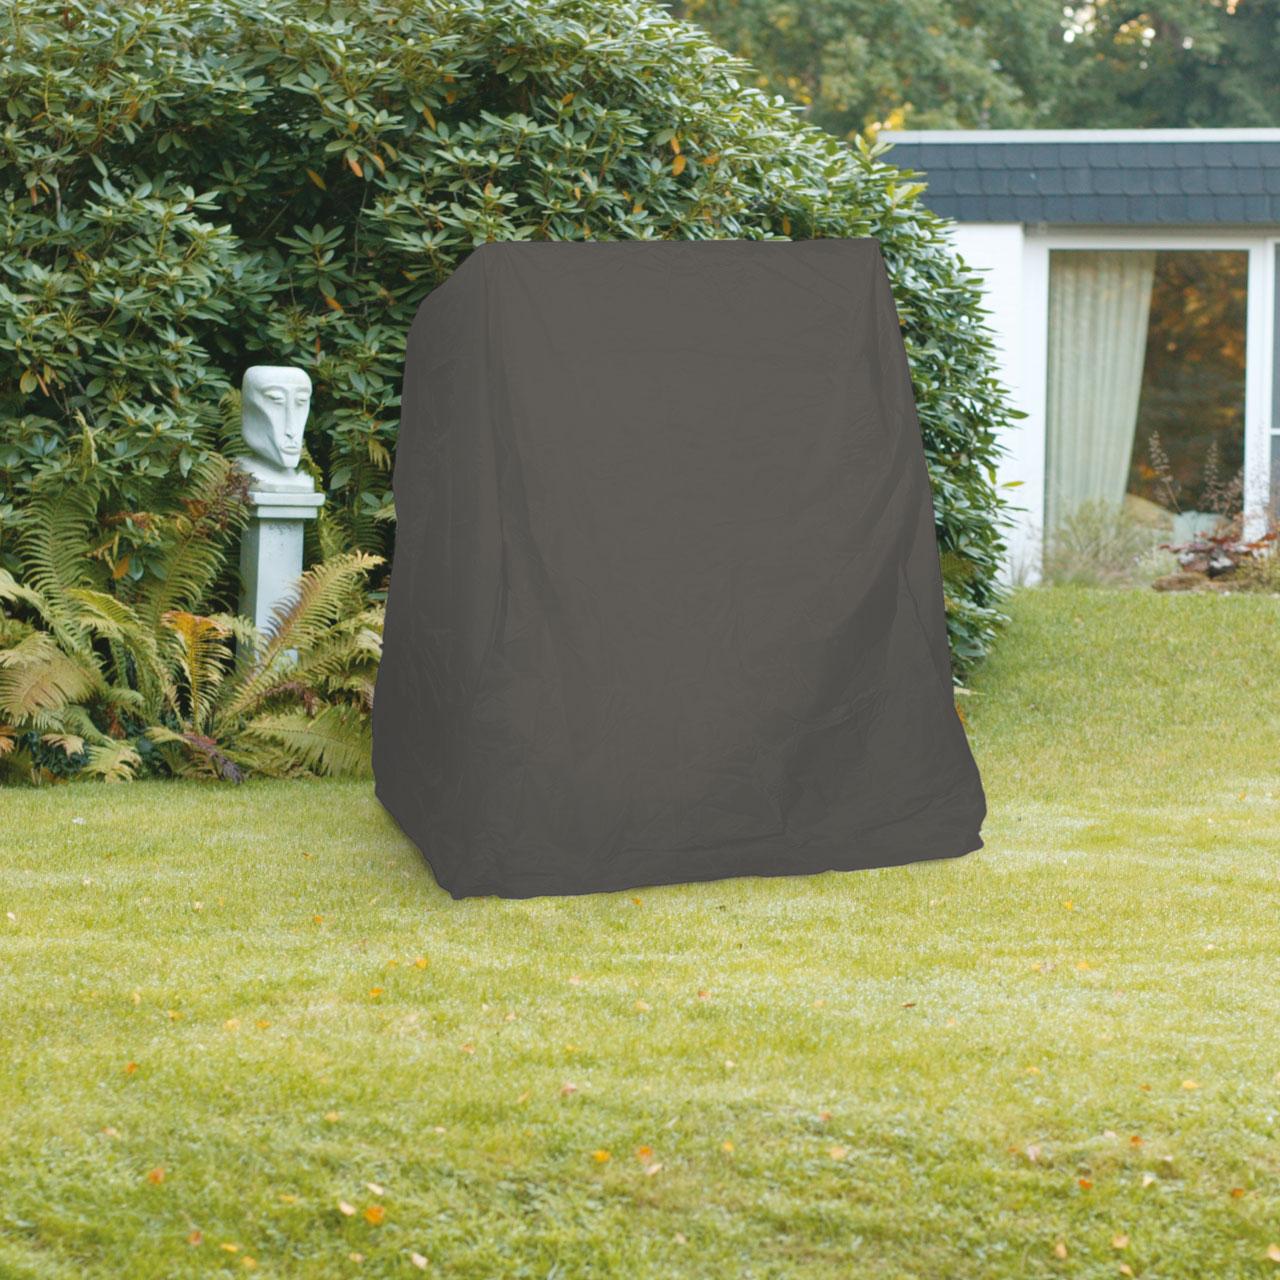 abdeckplanen f r gartenm bel ebenbild das sieht spannende. Black Bedroom Furniture Sets. Home Design Ideas